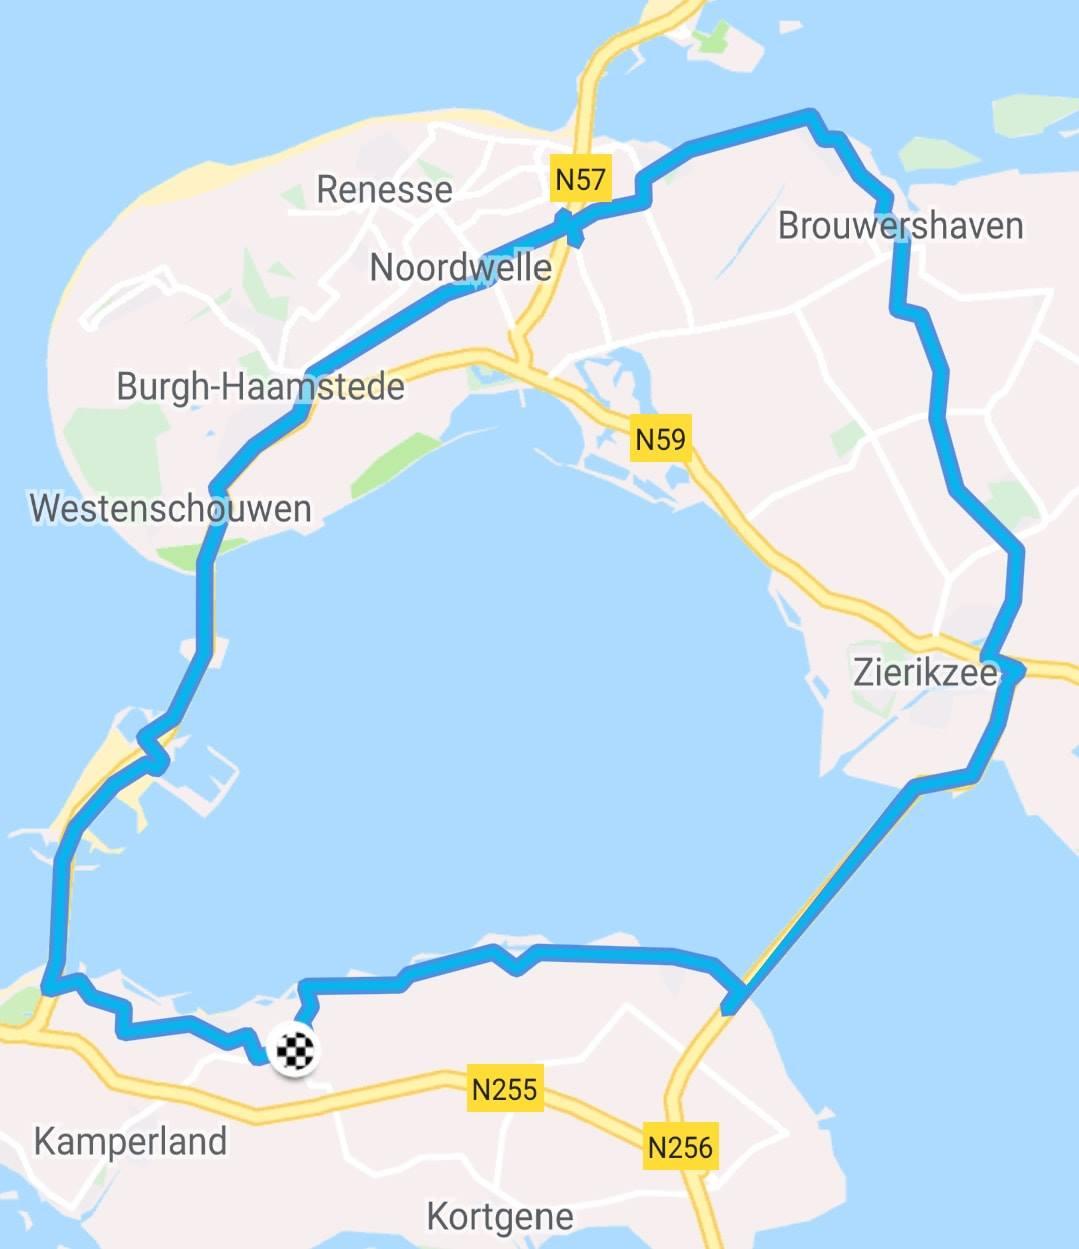 Dinsdag 25-09-2018 65 km 28,9 gem.